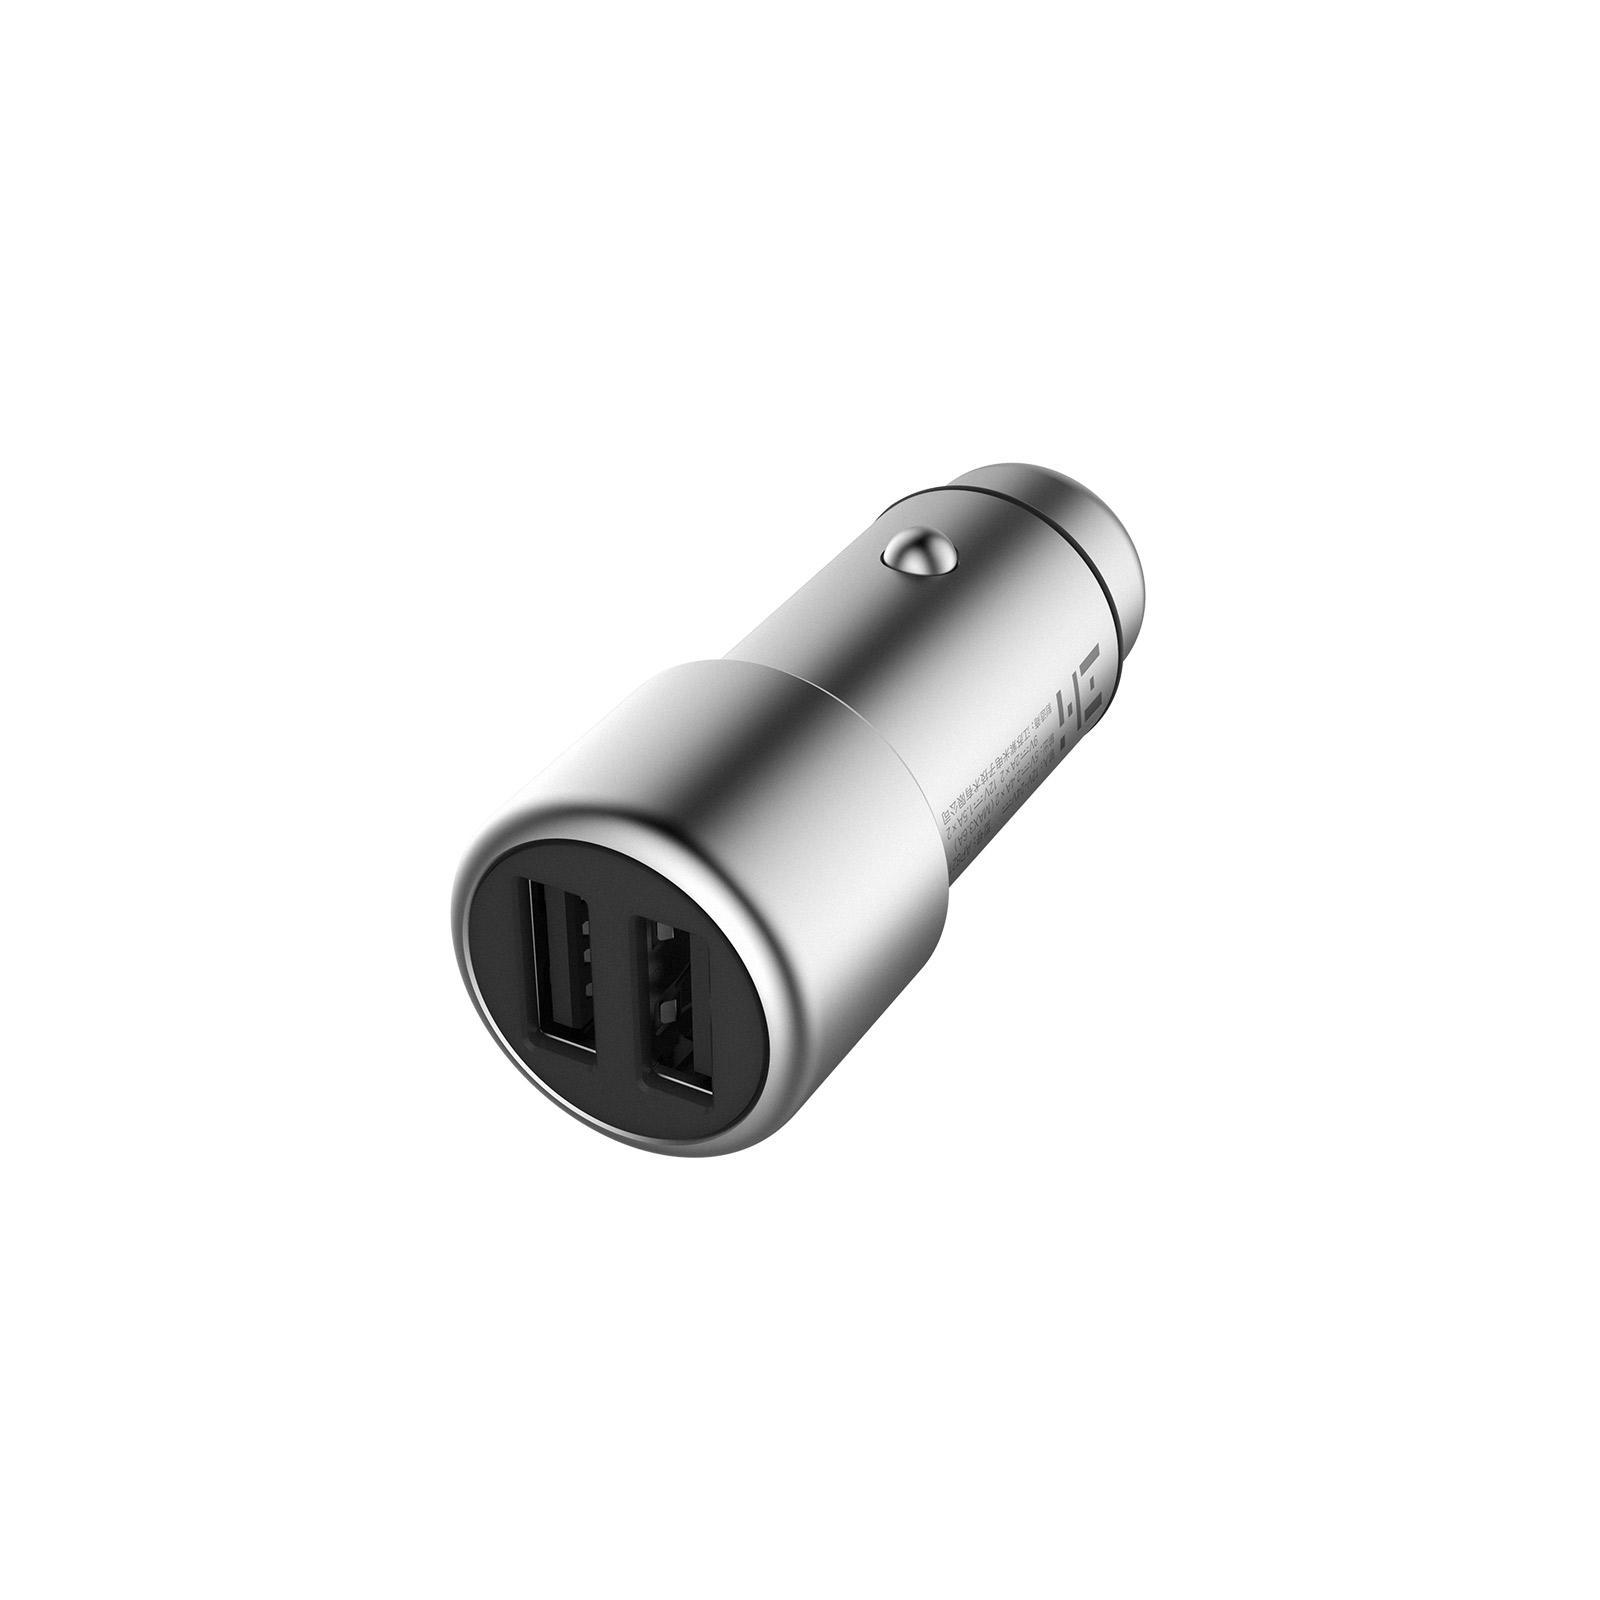 Зарядное устройство ZMI Car Charger Quick Charge 3.0 Silver (AP821) изображение 3